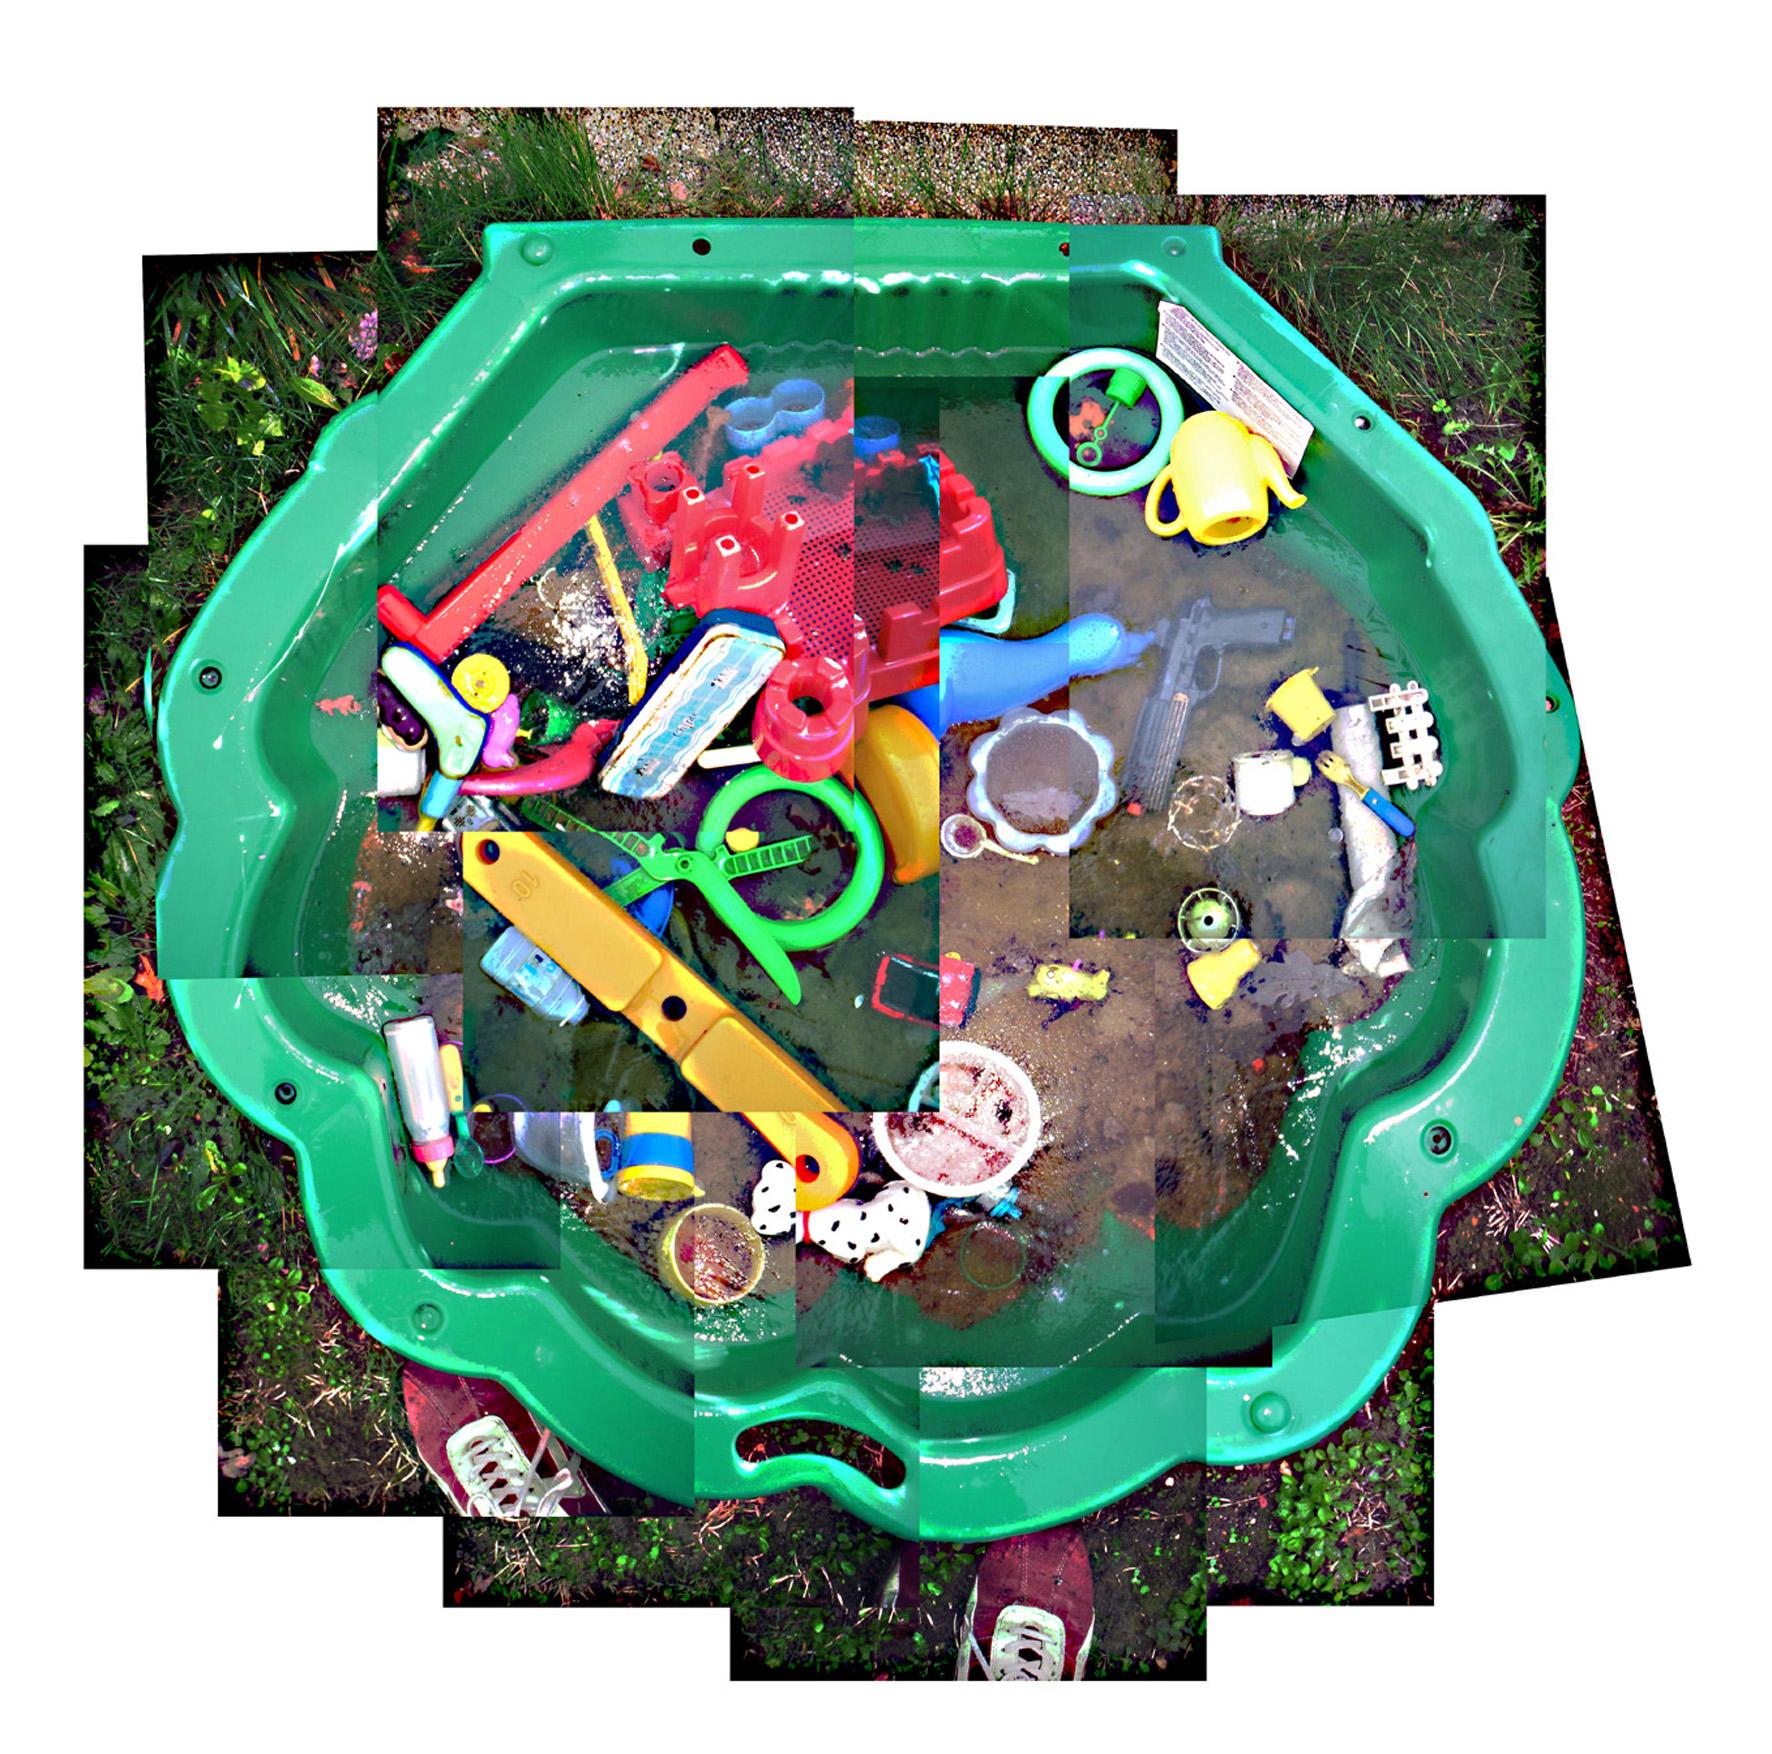 jeux geles 251205